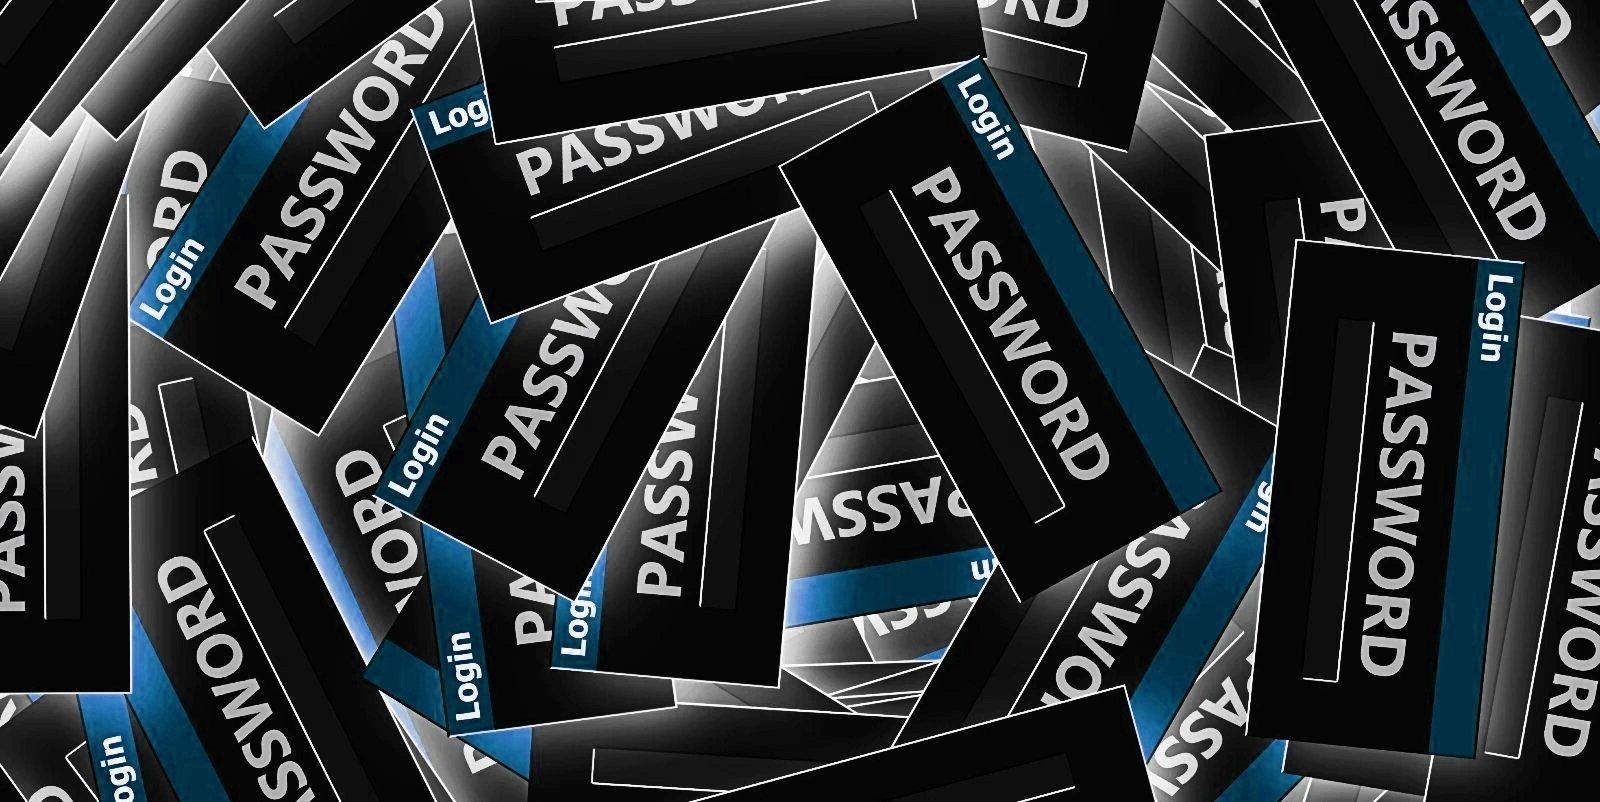 Password - Passwordstate password manager hacked